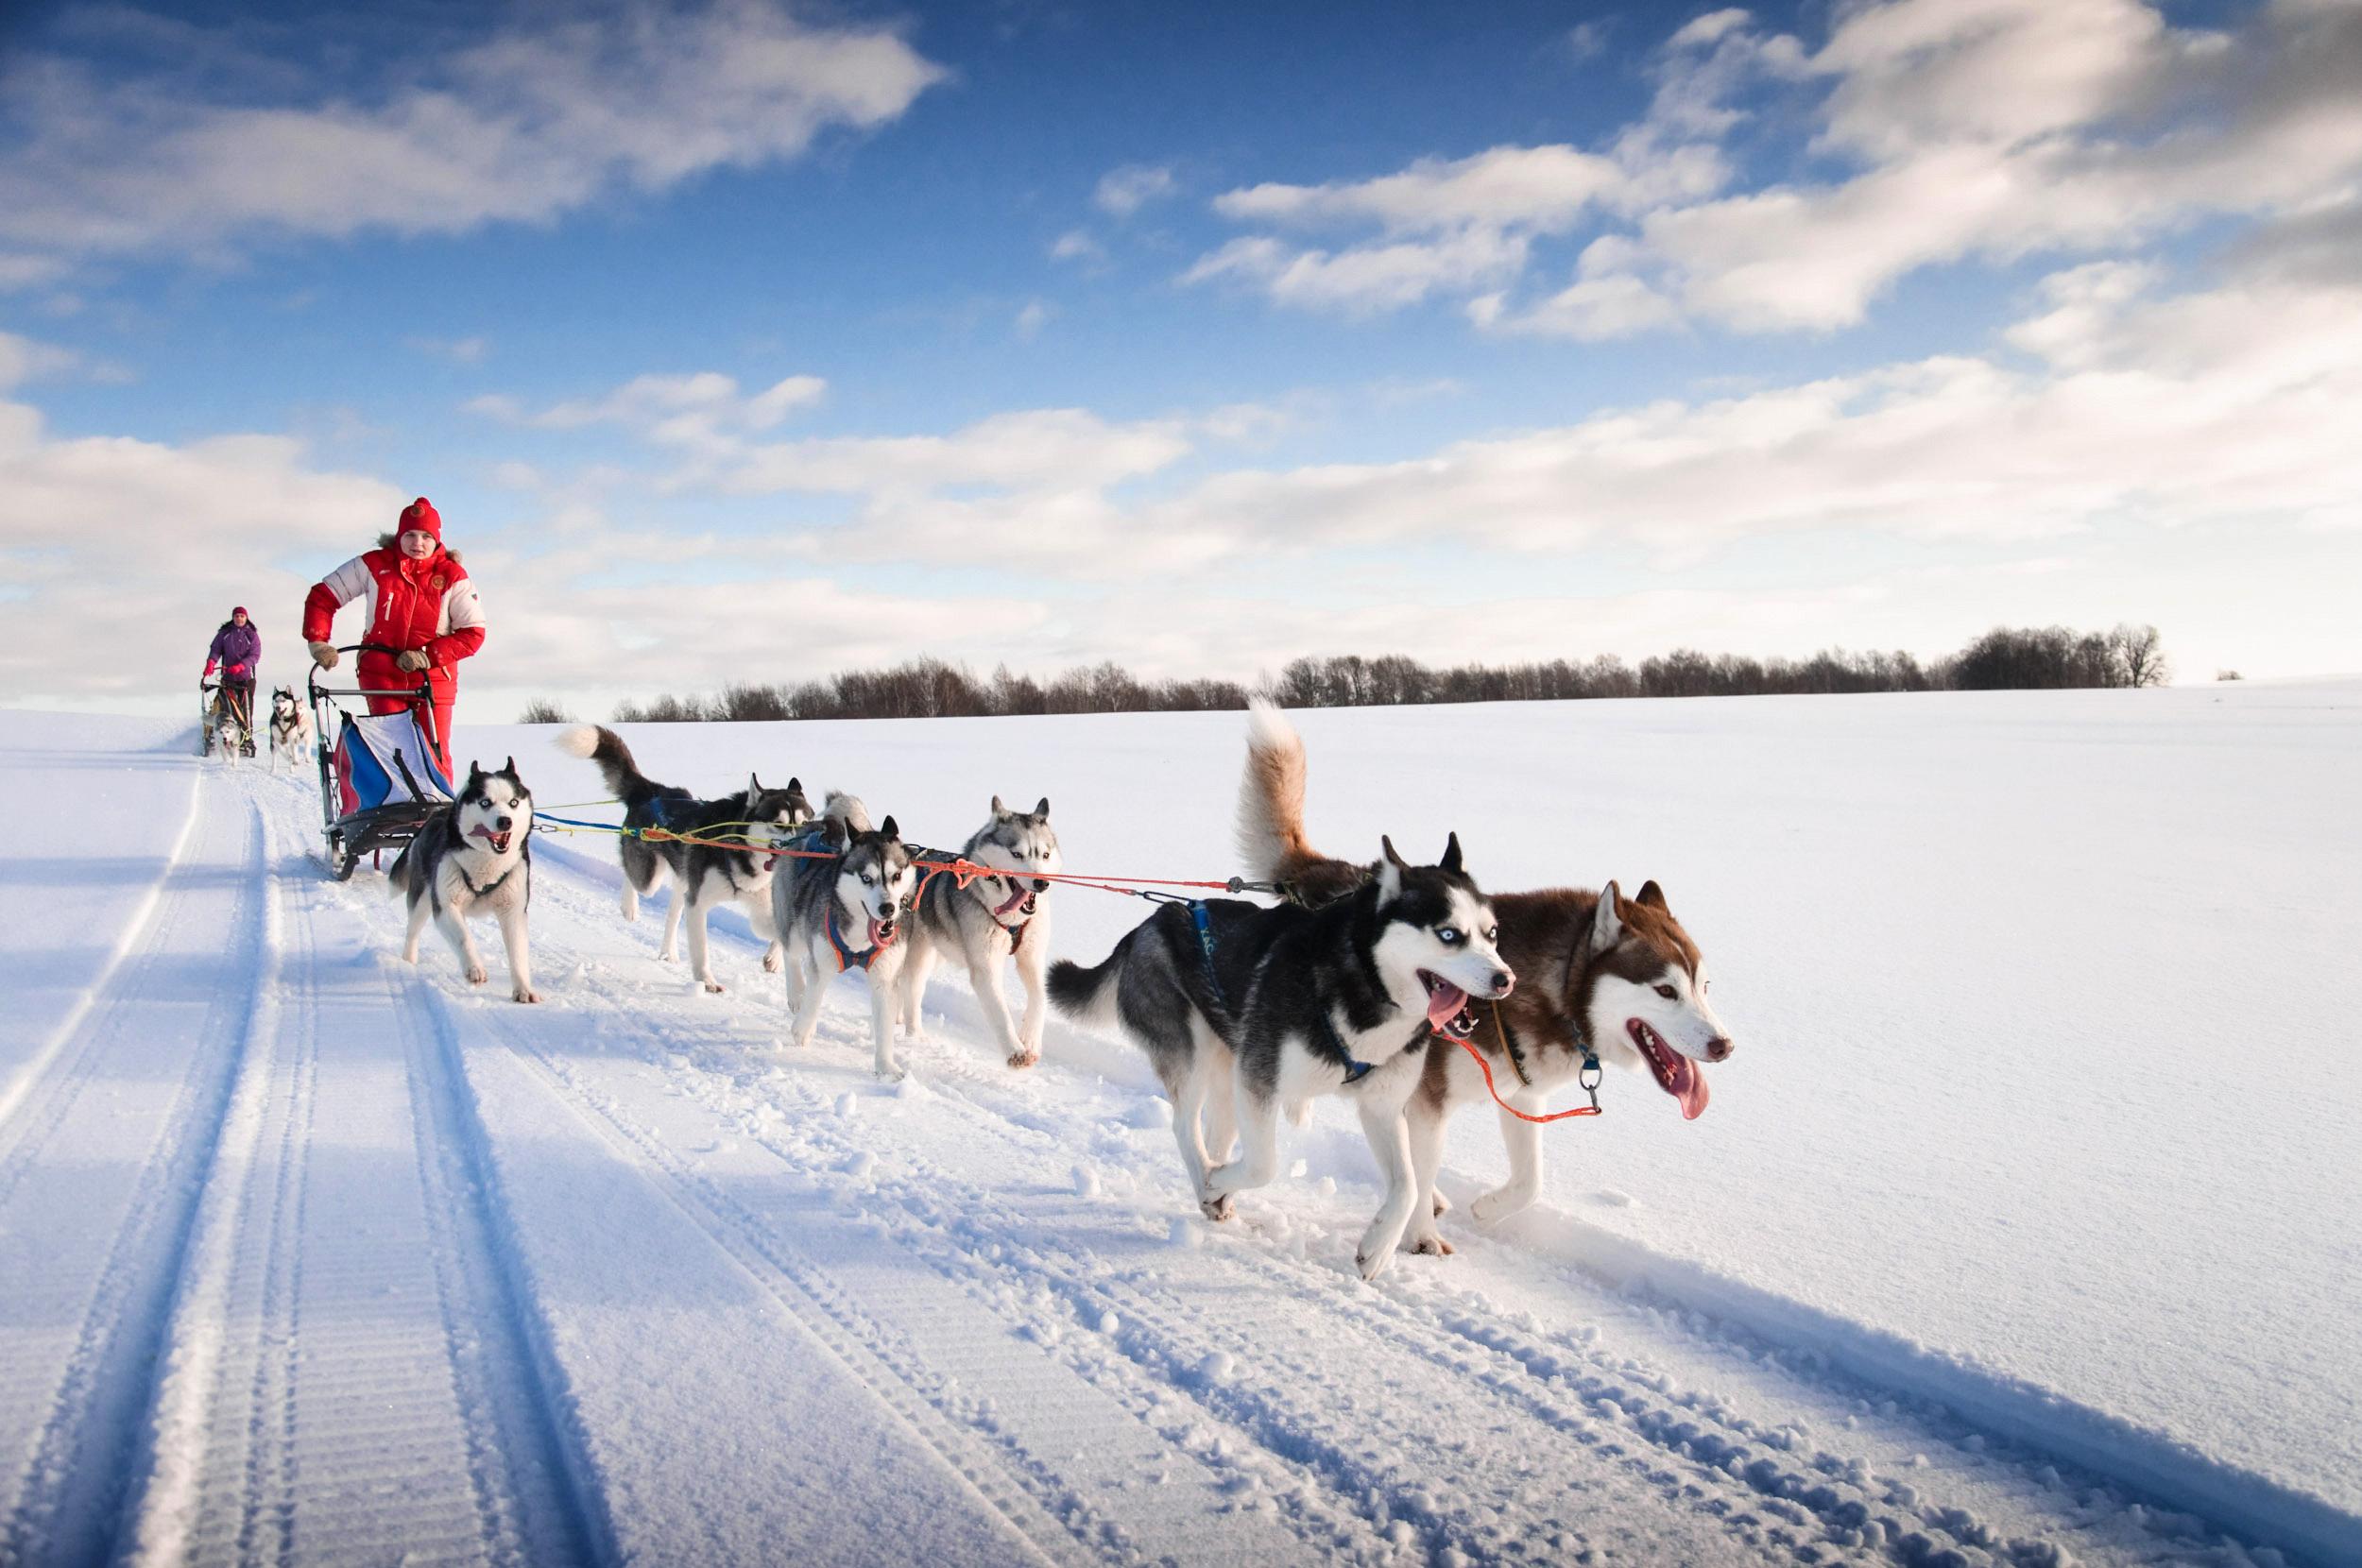 Voyageunique Fins Lapland Husky